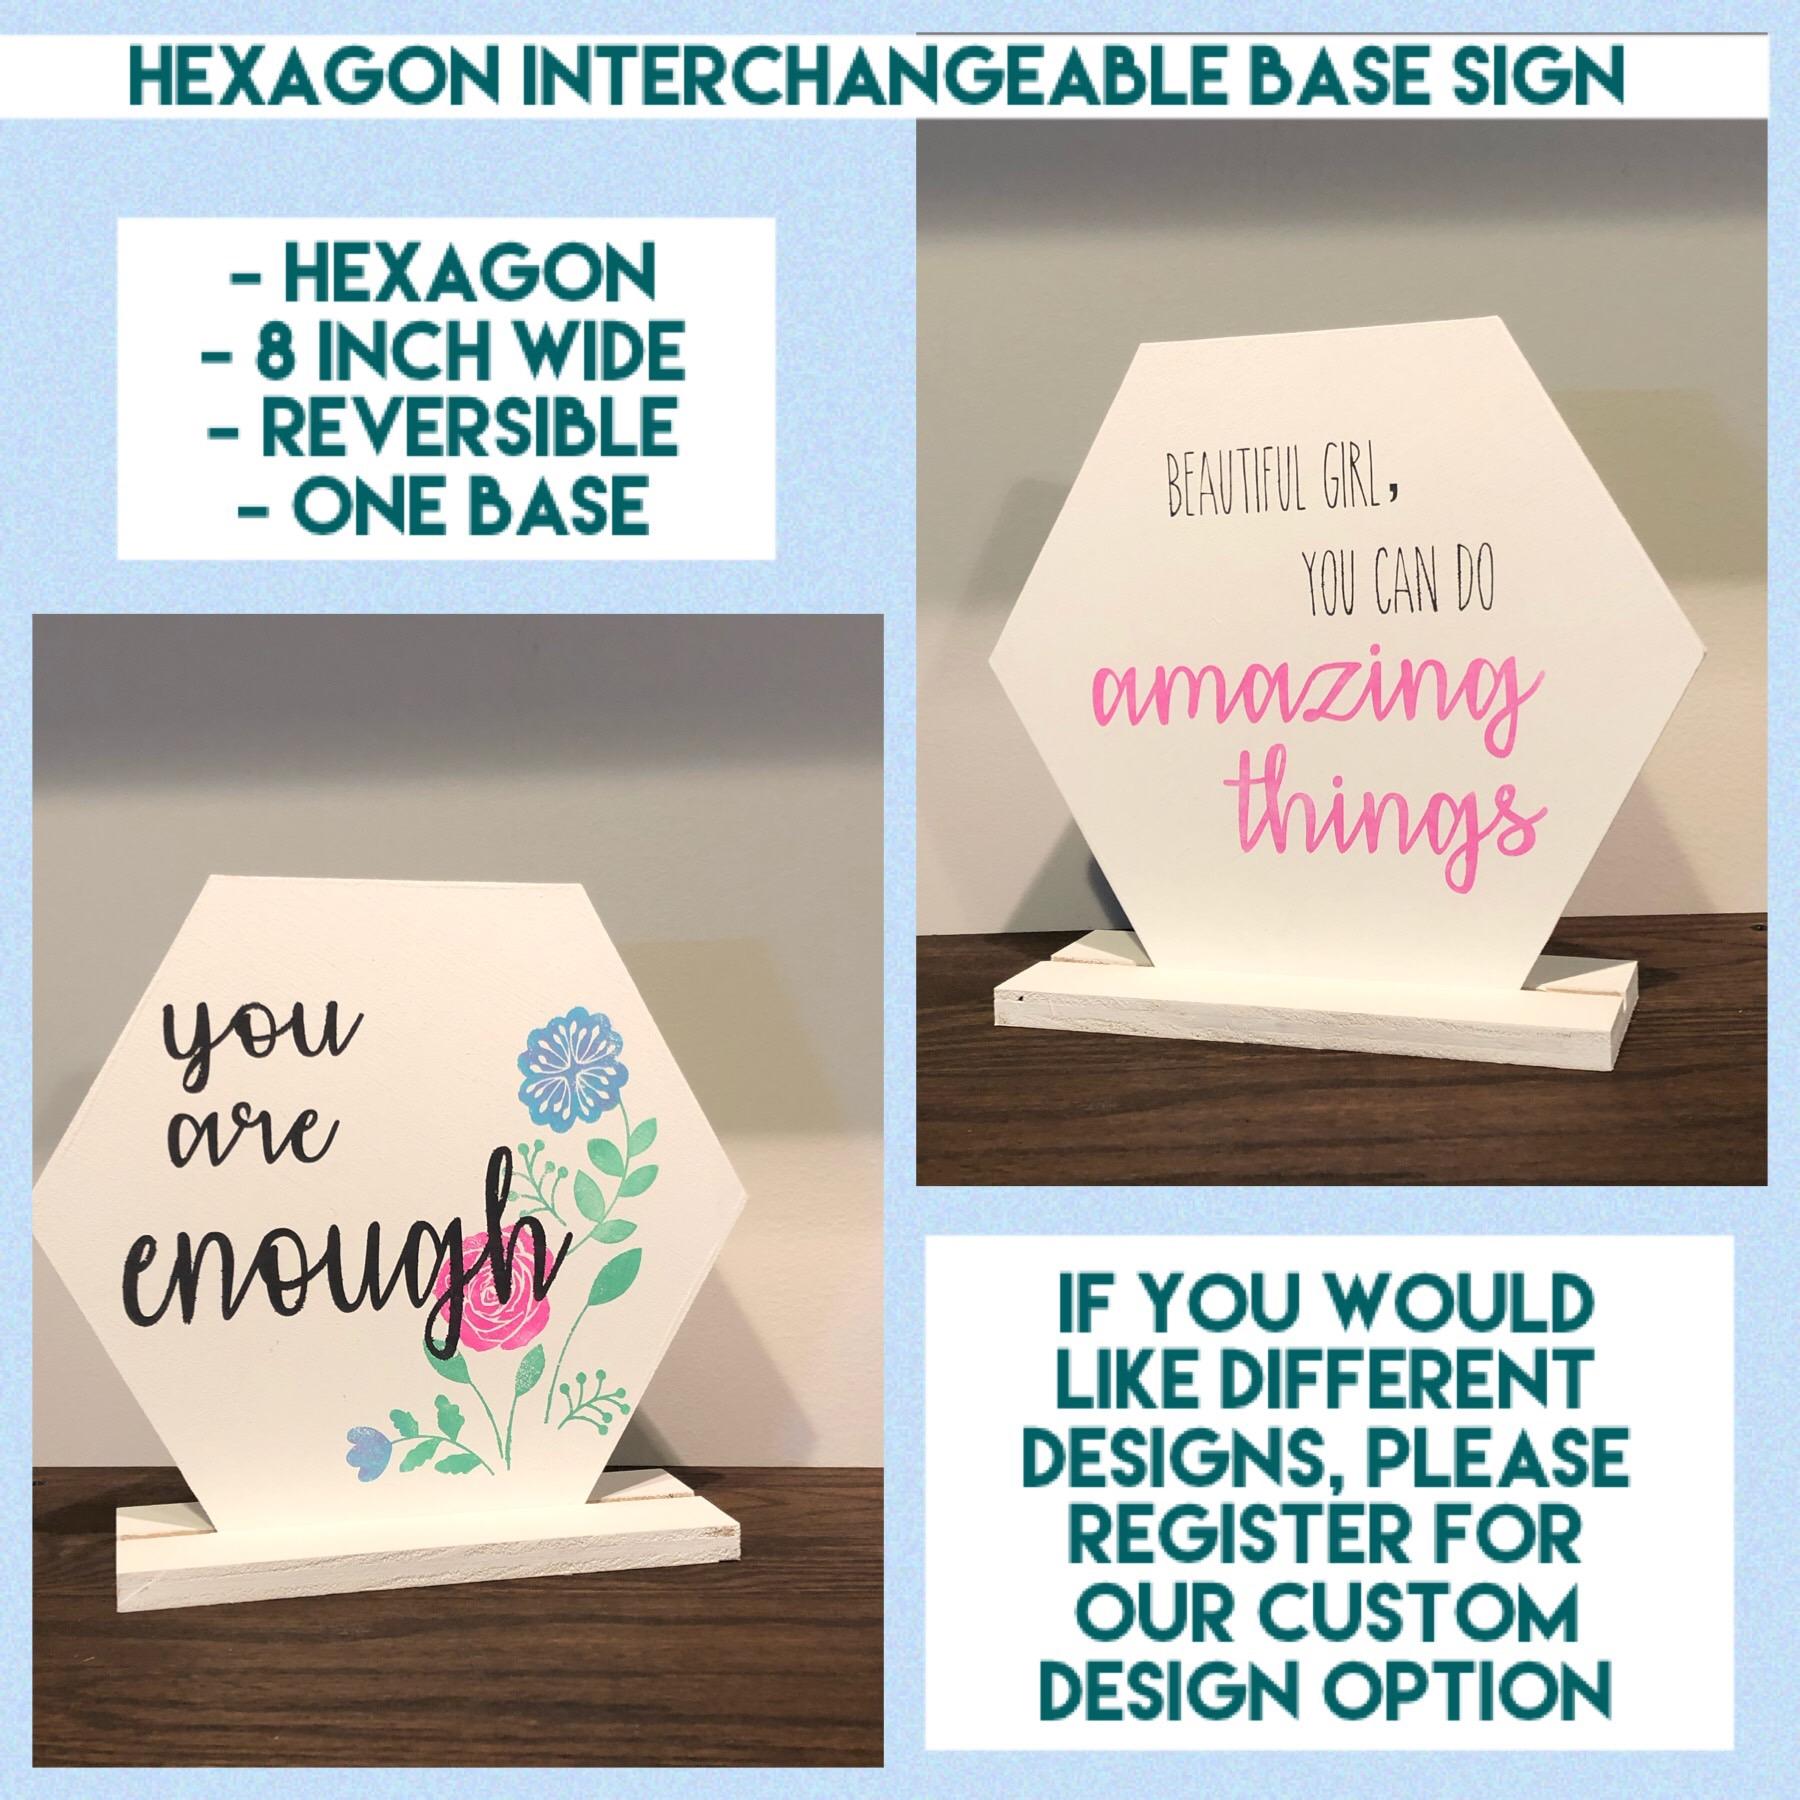 Interchangeable base - Hexagon